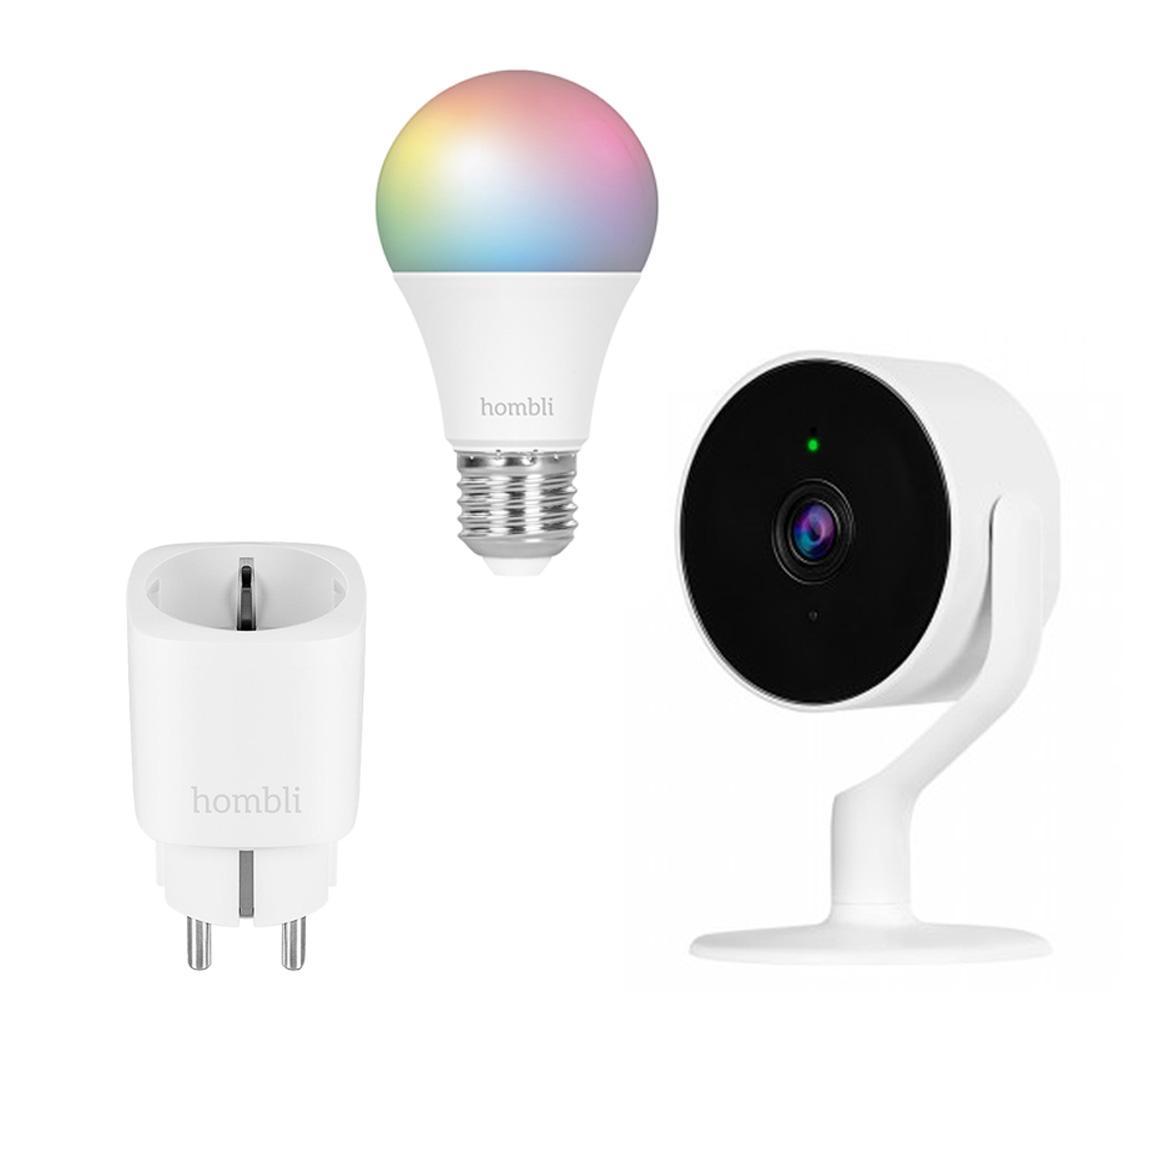 Hombli Smarte Steckdose + Innenkamera + E27 Color-Lampe